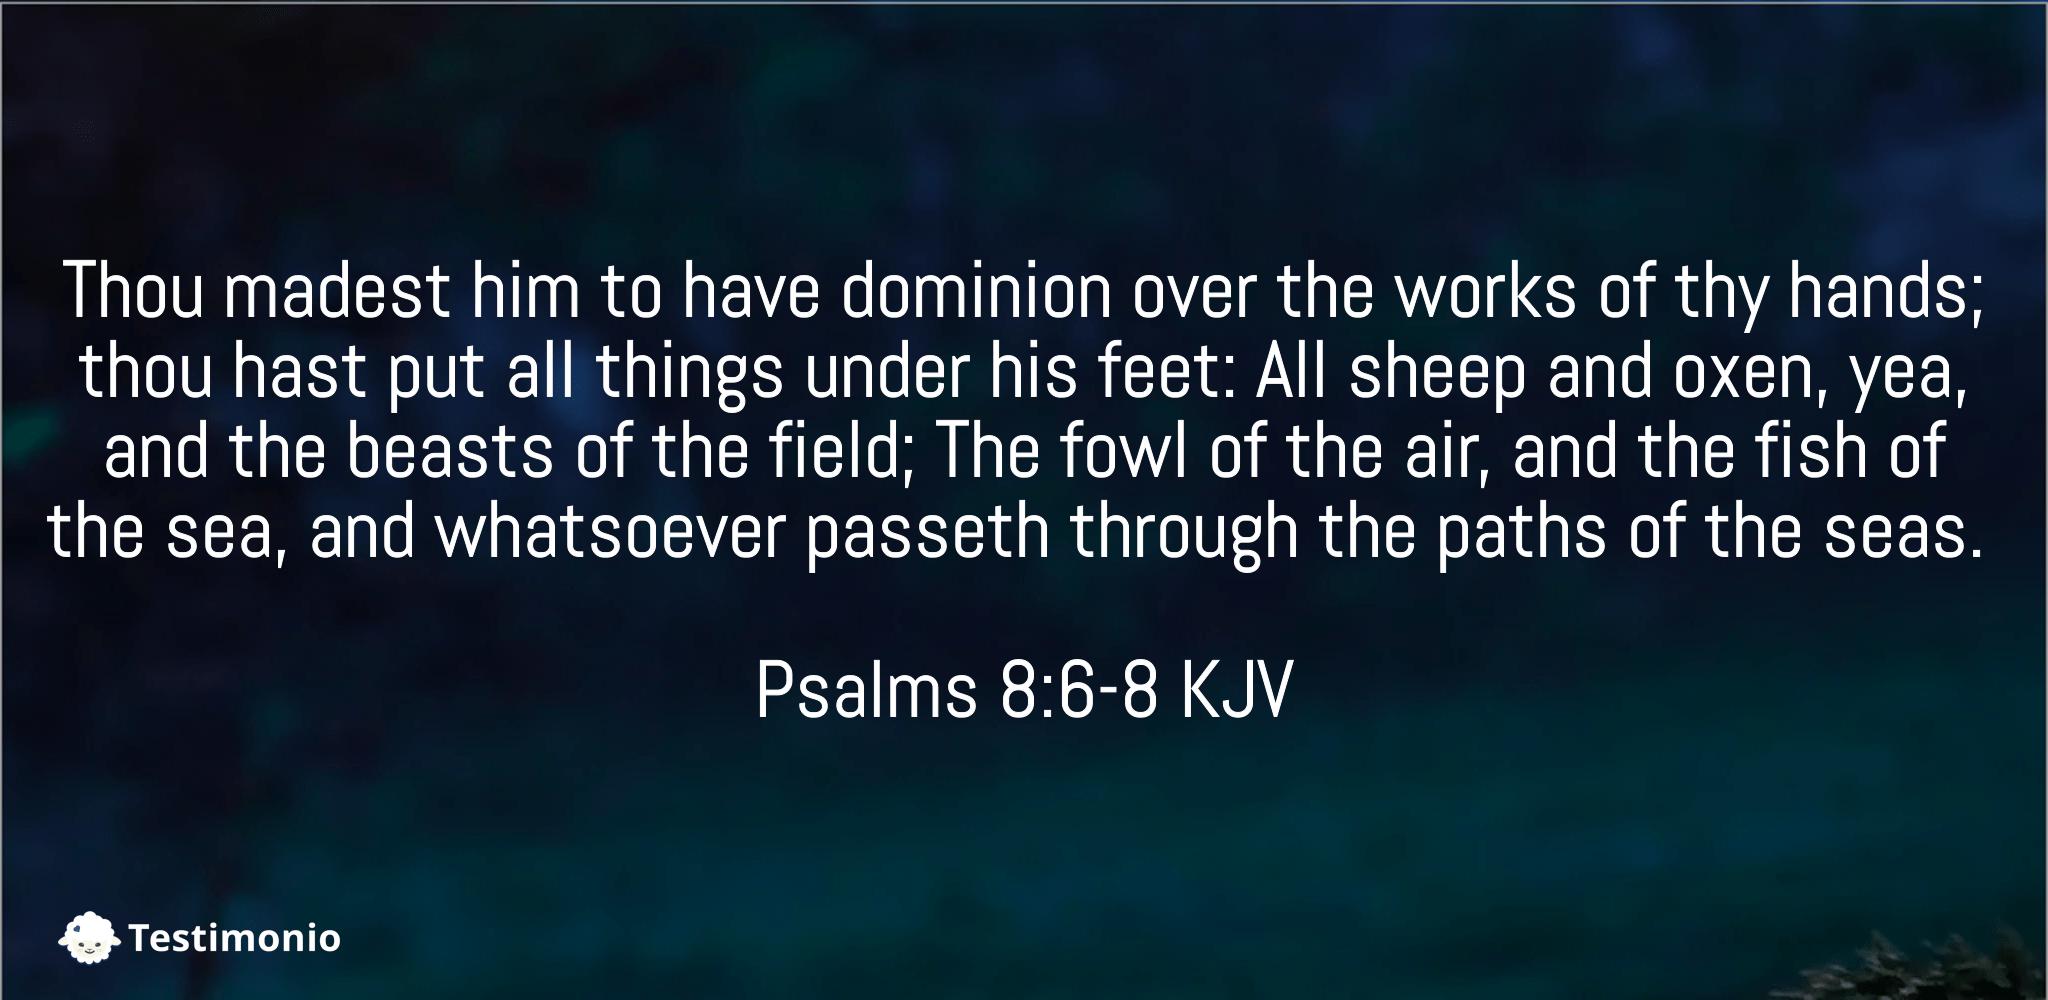 Psalms 8:6-8